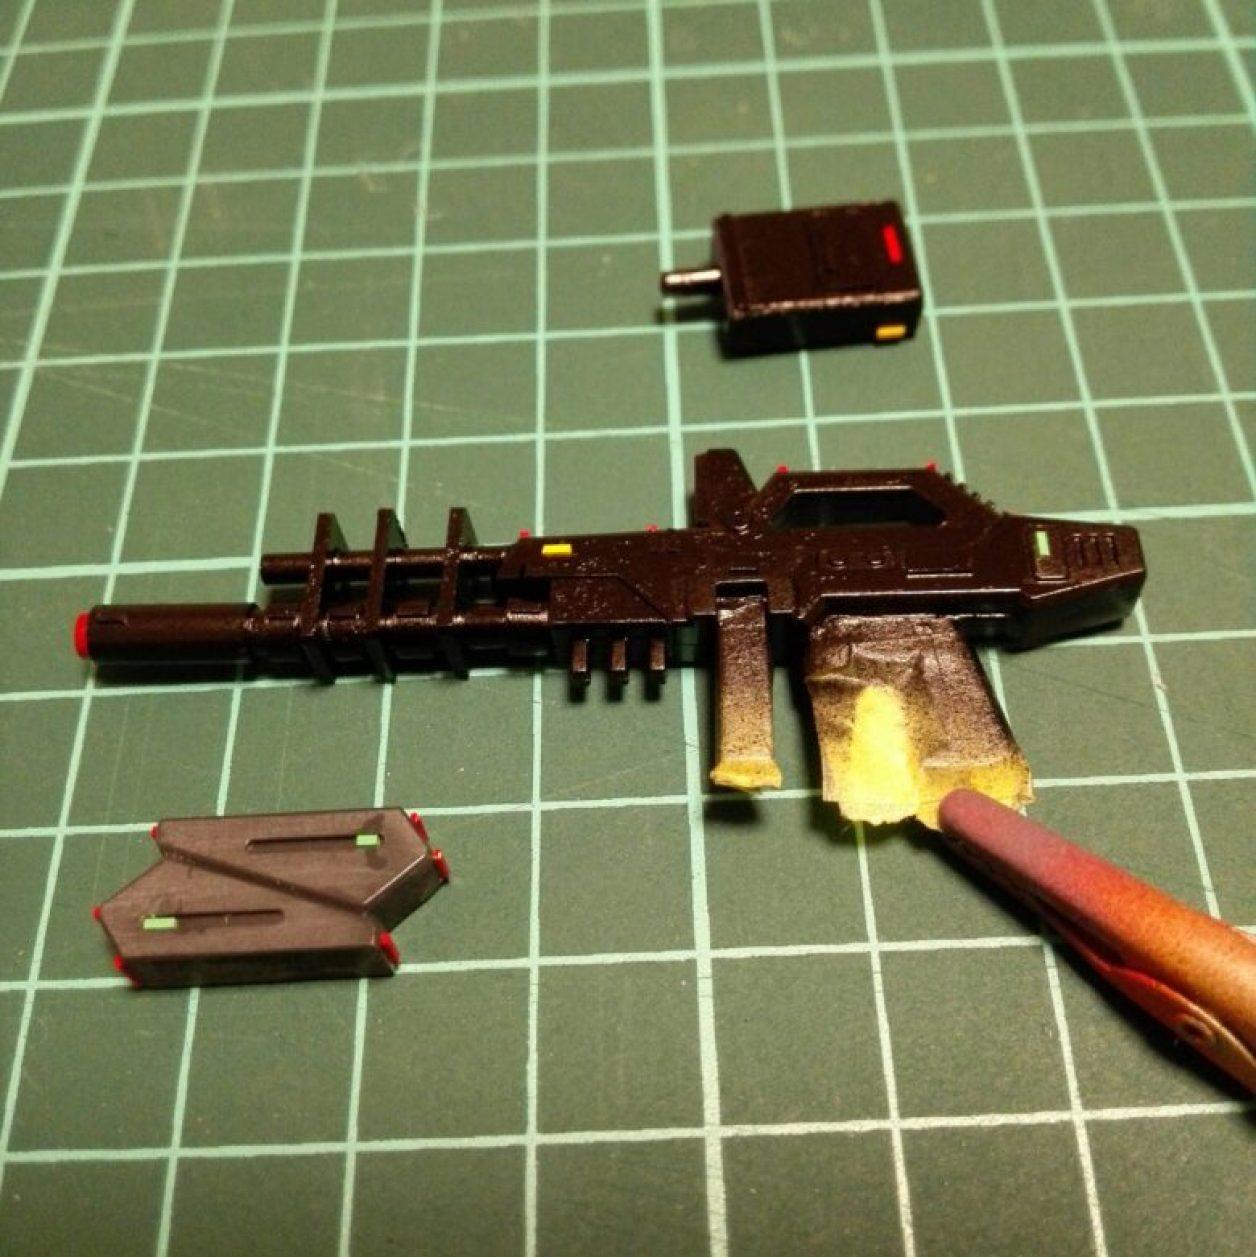 1/144スケール hguc ガンダムtr-1[アドバンスド・ヘイズル]用ビームライフルの改造用にプラ材を切り出して接着して箱組みしたパーツをプラバンでディテールアップしてカラーチップを貼付けた画像